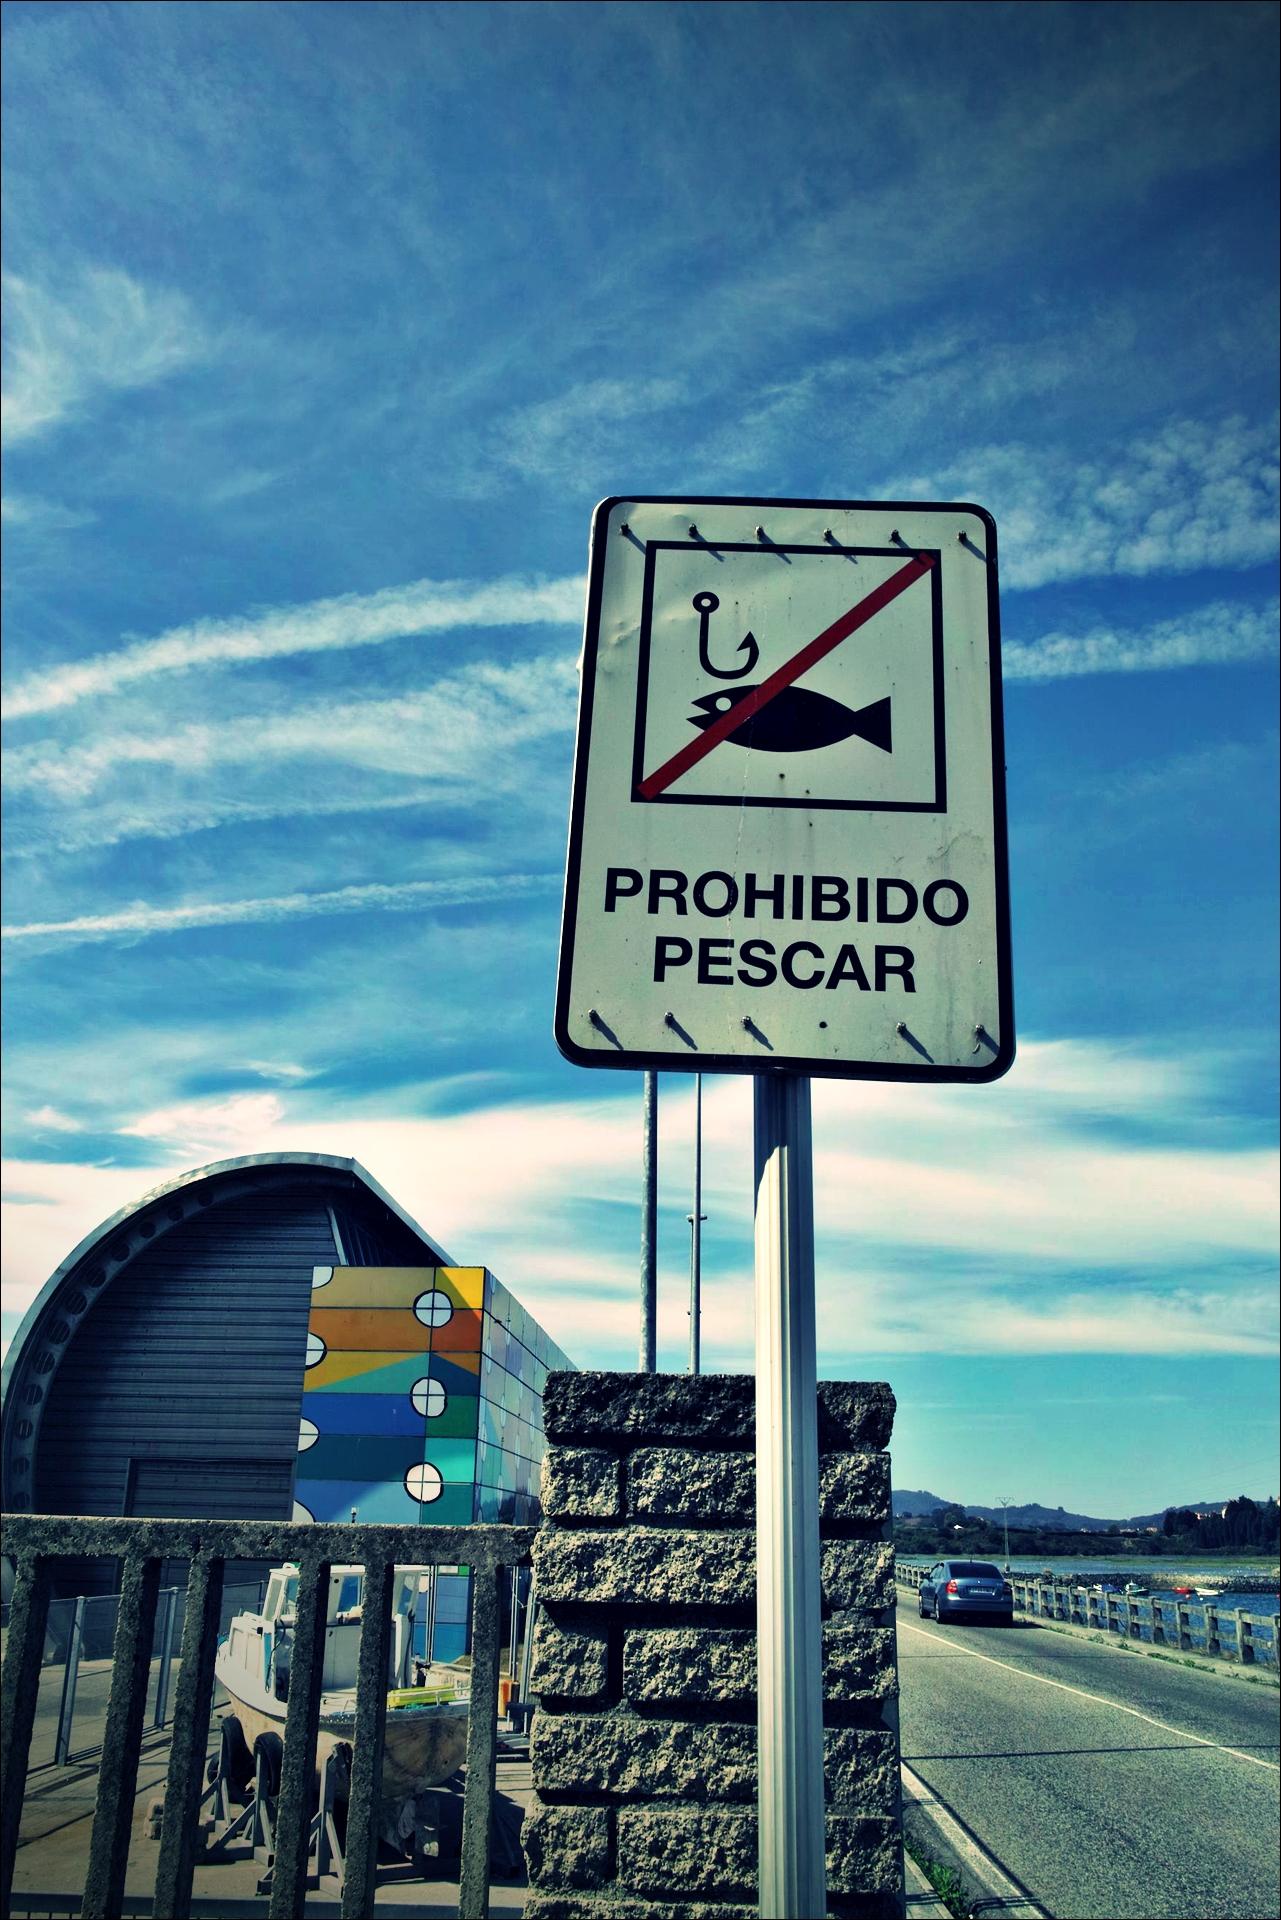 낚시 금지-'카미노 데 산티아고 북쪽길. 리엔도에서 산토냐. (Camino del Norte - Liendo to Santoña) '